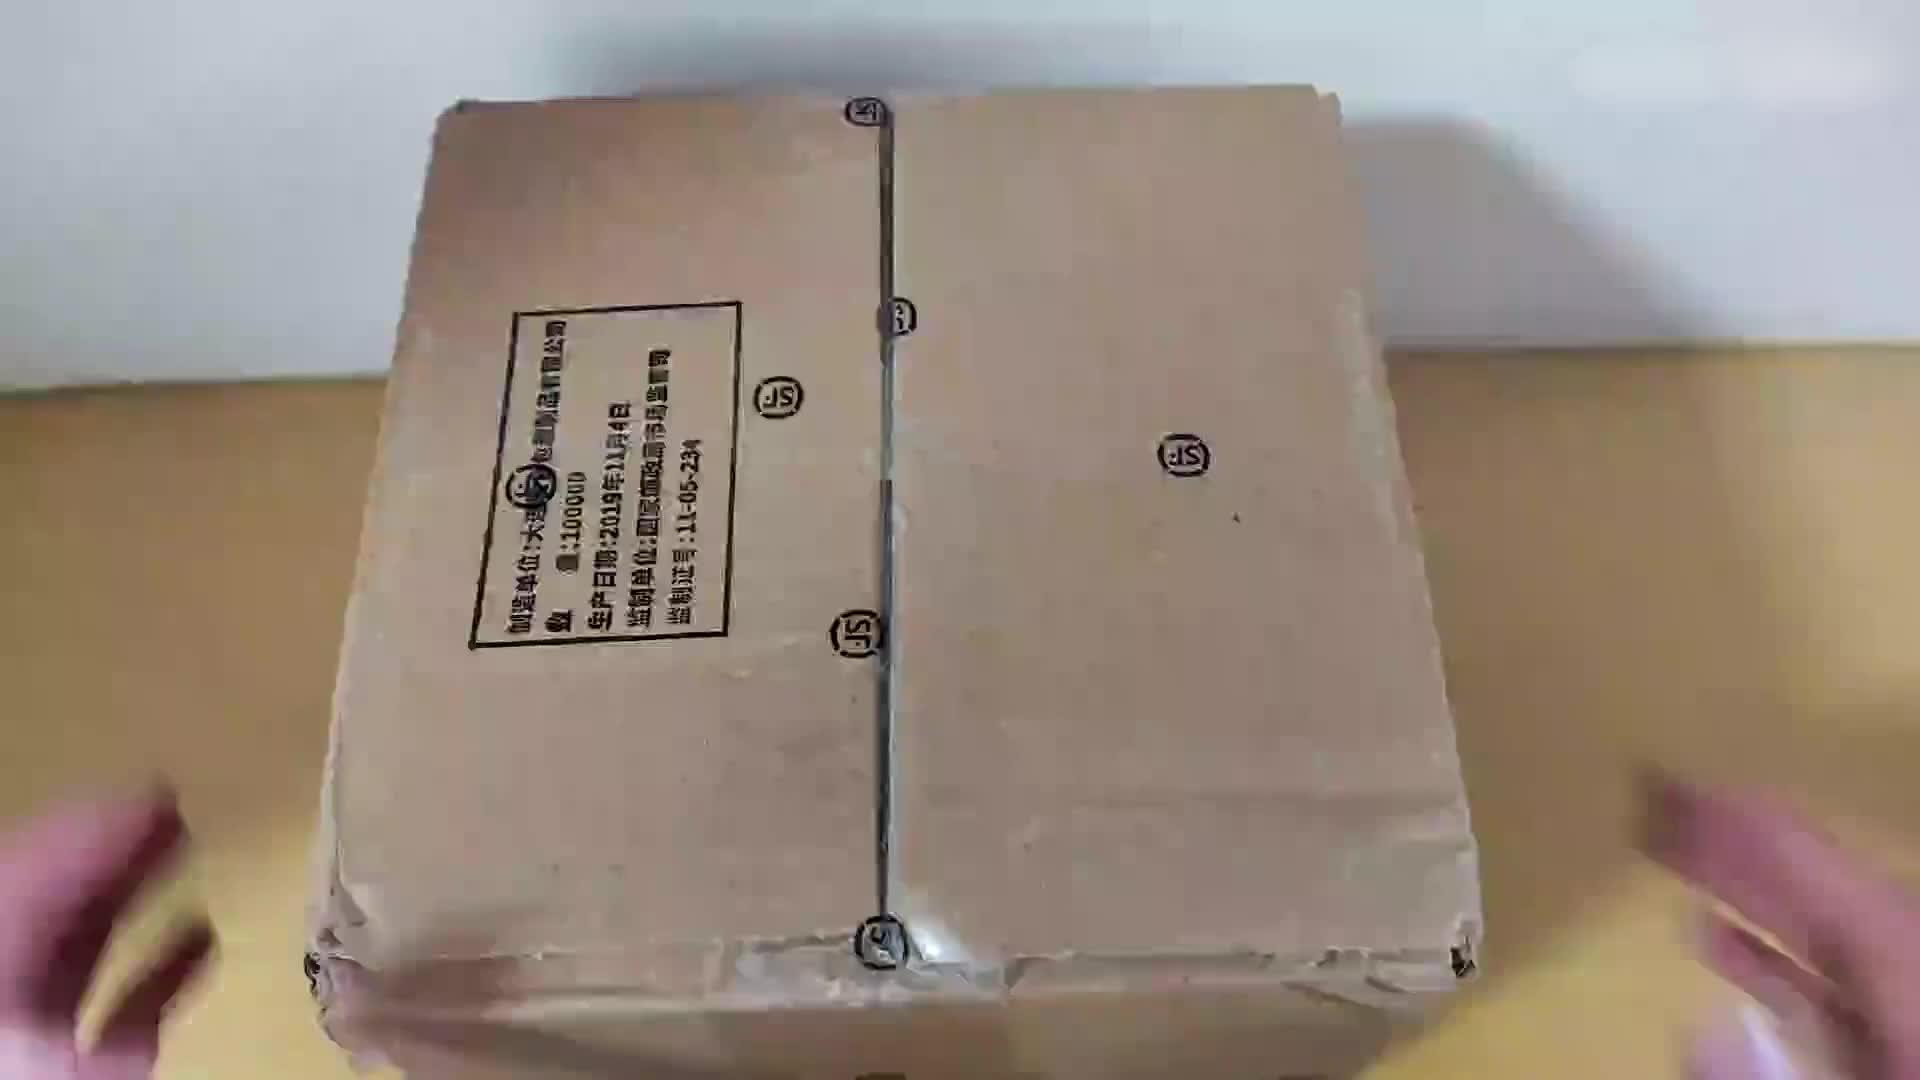 600元的小米MIX2开箱 开箱的那一瞬间 这个做工真是太棒了